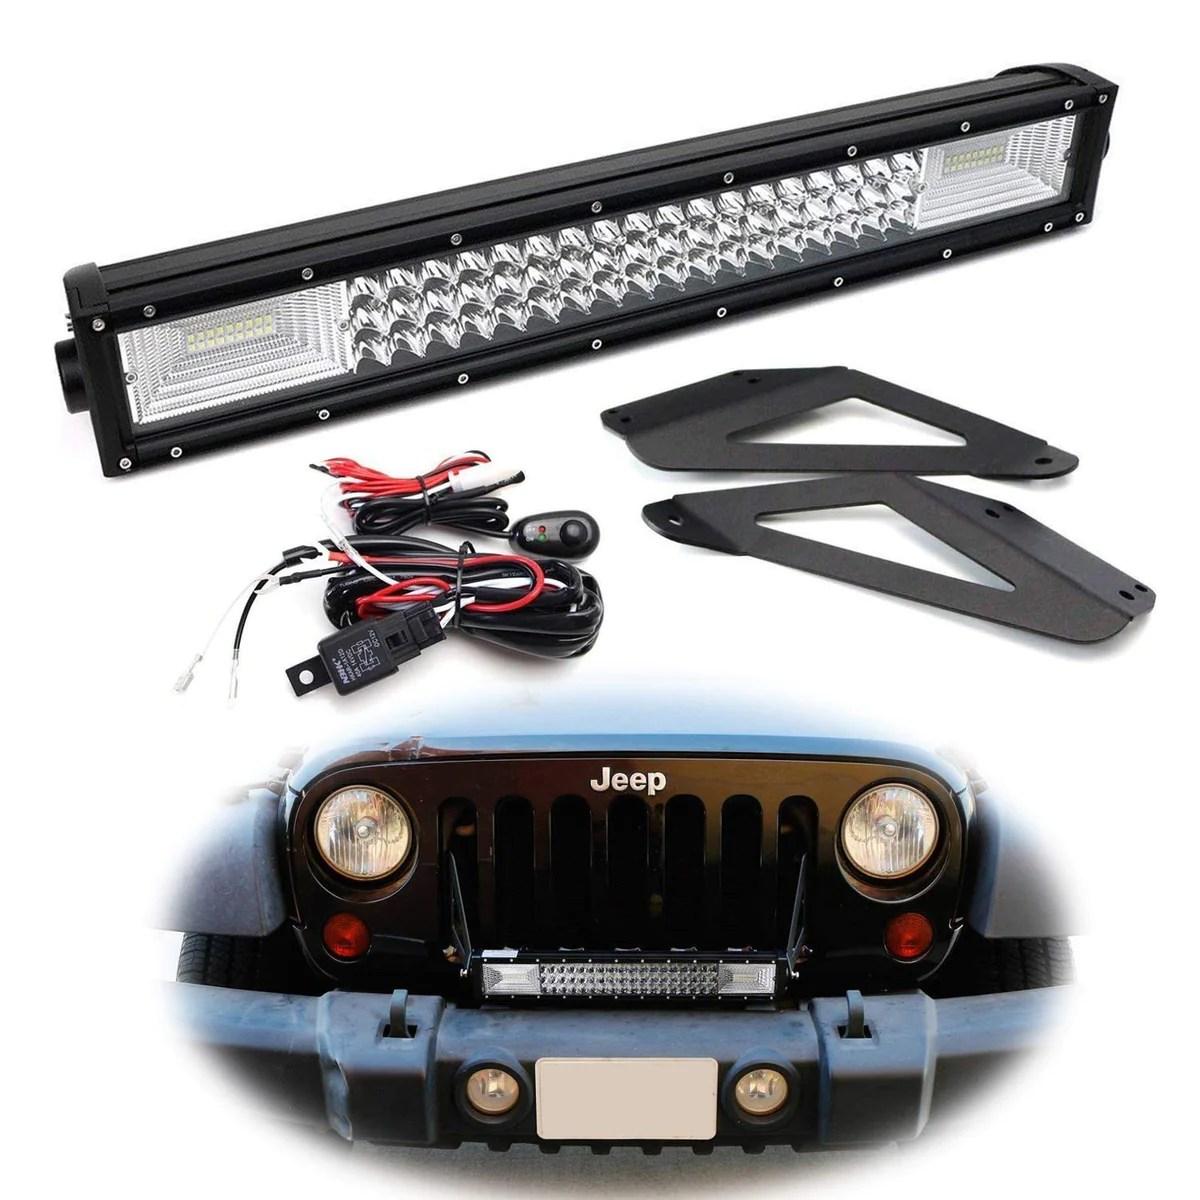 hight resolution of 07 17 jeep wrangler jk front grille mount led light bar kit ijdmtoy com